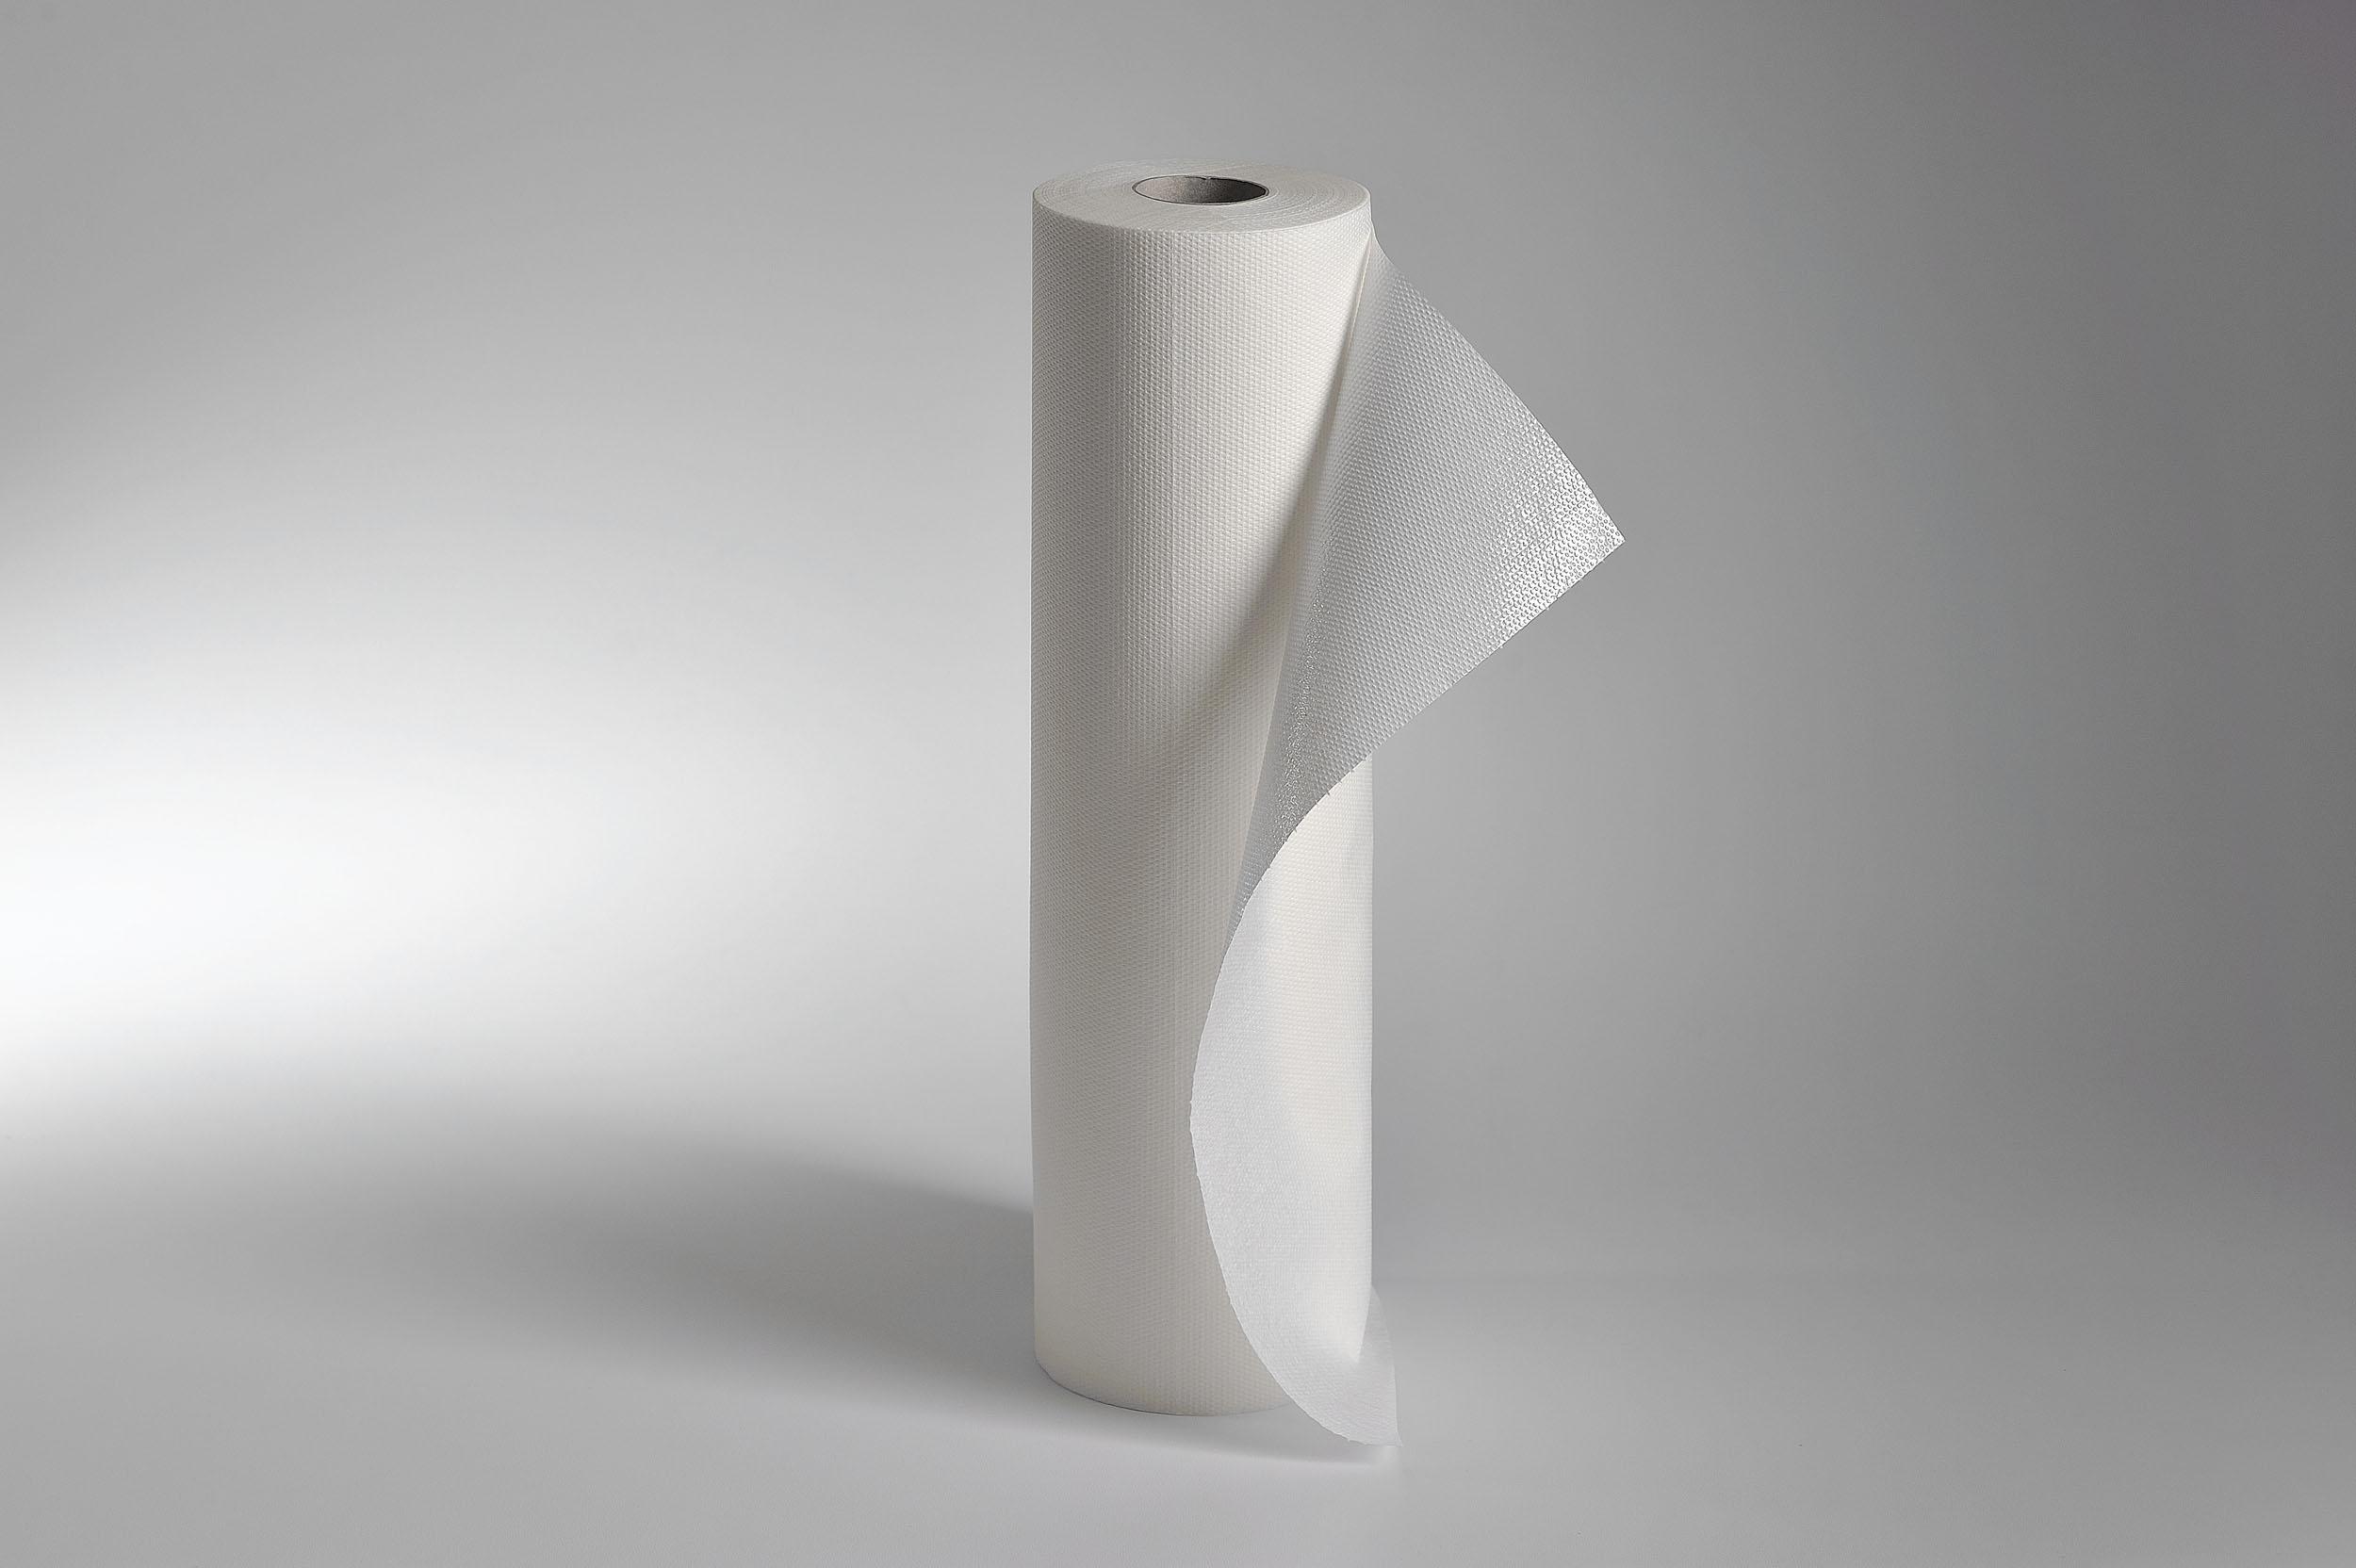 Fripa-Ärztekrepp secura-line, 2-lagig 59 cm x 50 m (6 Rl.), hochweiß, PE-beschichtet